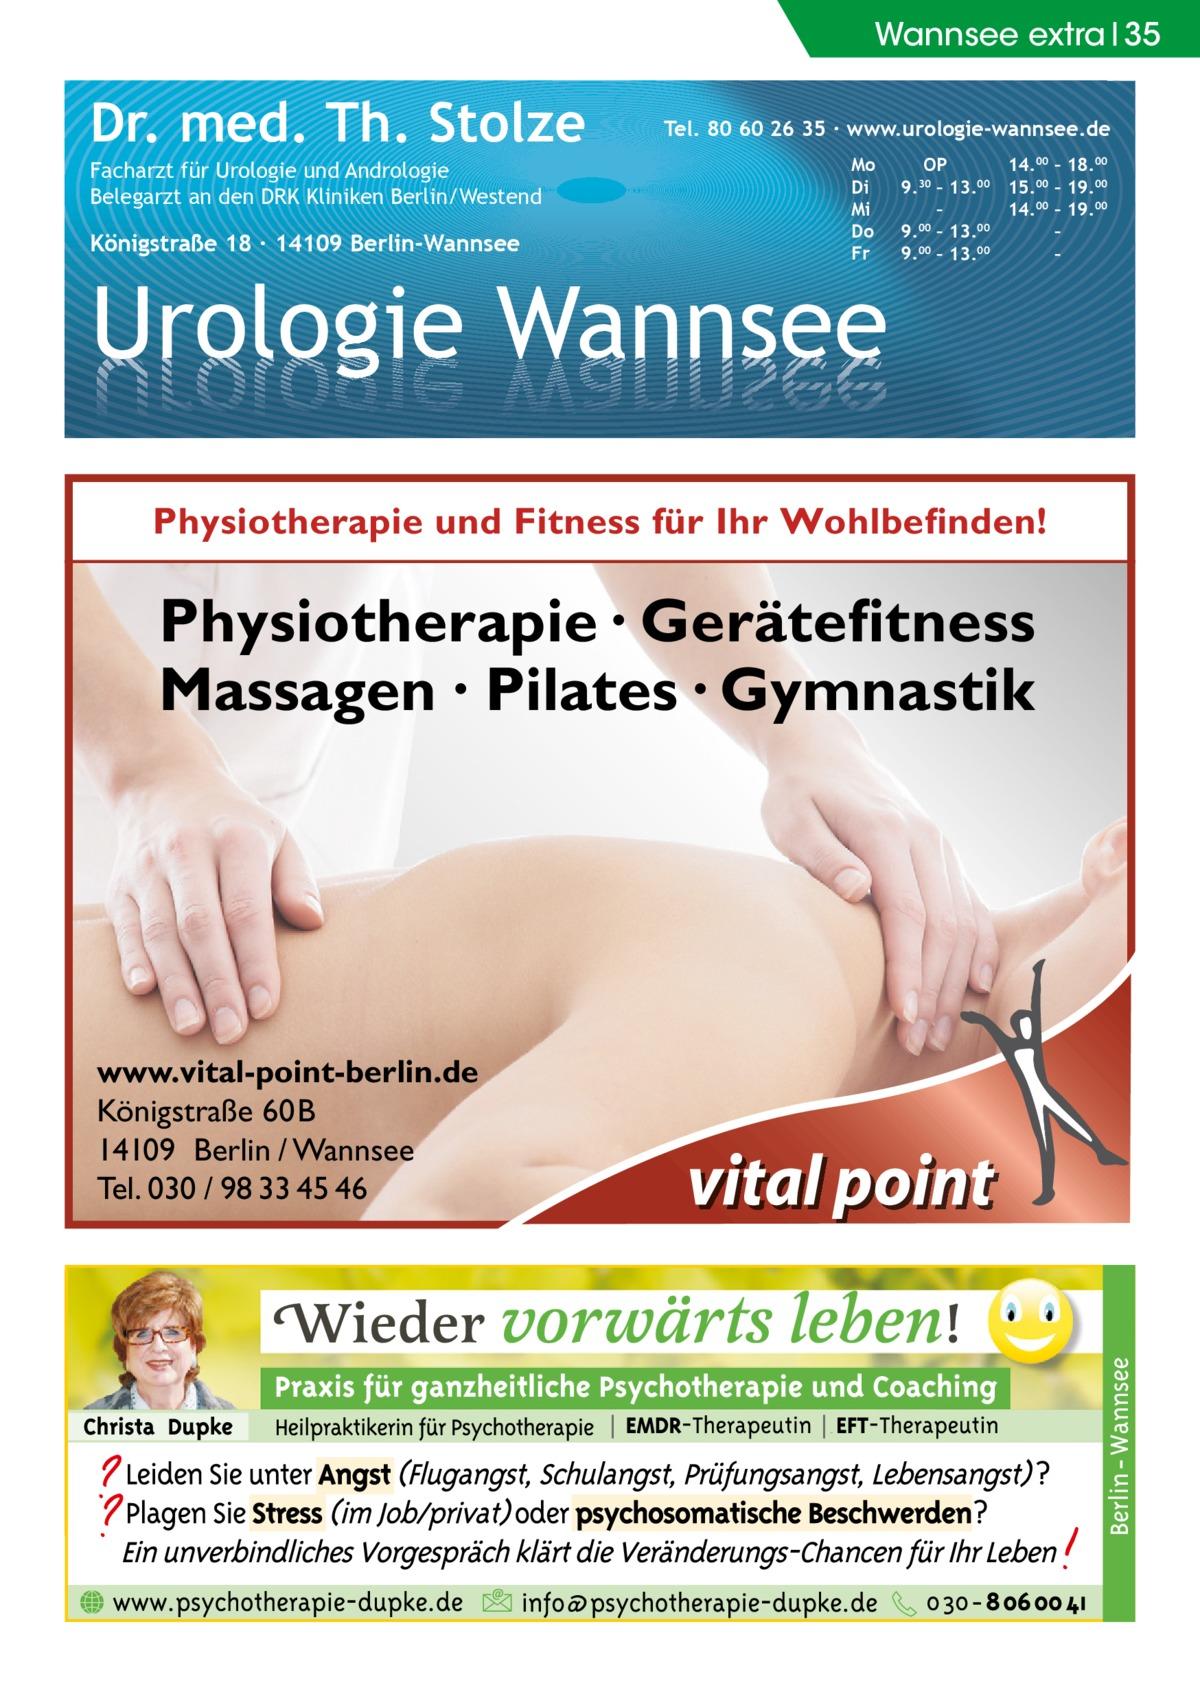 Wannsee extra 35  Dr. med. Th. Stolze Facharzt für Urologie und Andrologie Belegarzt an den DRK Kliniken Berlin/Westend  Königstraße 18 ∙ 14109 Berlin-Wannsee  Tel. 80 60 26 35 ∙ www.urologie-wannsee.de Mo Di Mi Do Fr  Urologie Wannsee  OP 14.00 – 18.00 9.30 – 13.00 15.00 – 19.00 – 14.00 – 19.00 9.00 – 13.00 – 9.00 – 13.00 – –  Physiotherapie und Fitness für Ihr Wohlbefinden!  Physiotherapie · Gerätefitness Massagen · Pilates · Gymnastik  www.vital-point-berlin.de Königstraße 60B 14109 Berlin / Wannsee Tel. 030 / 98 33 45 46